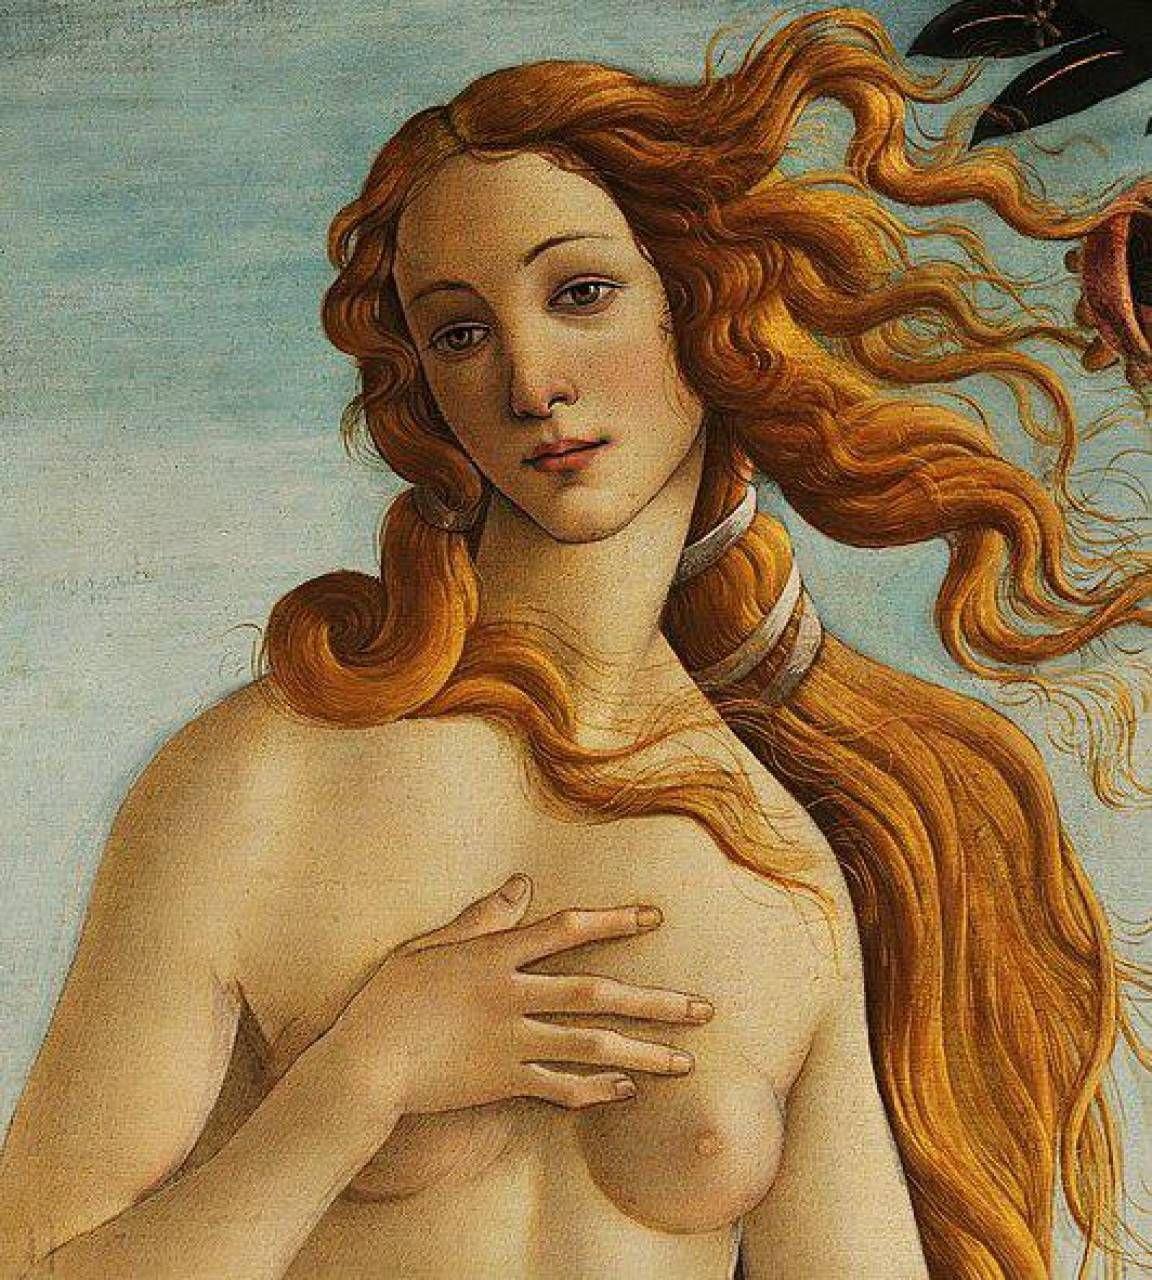 Il presidente. di Chili Giorgio Tacchia e, accanto, la Venere di Botticelli